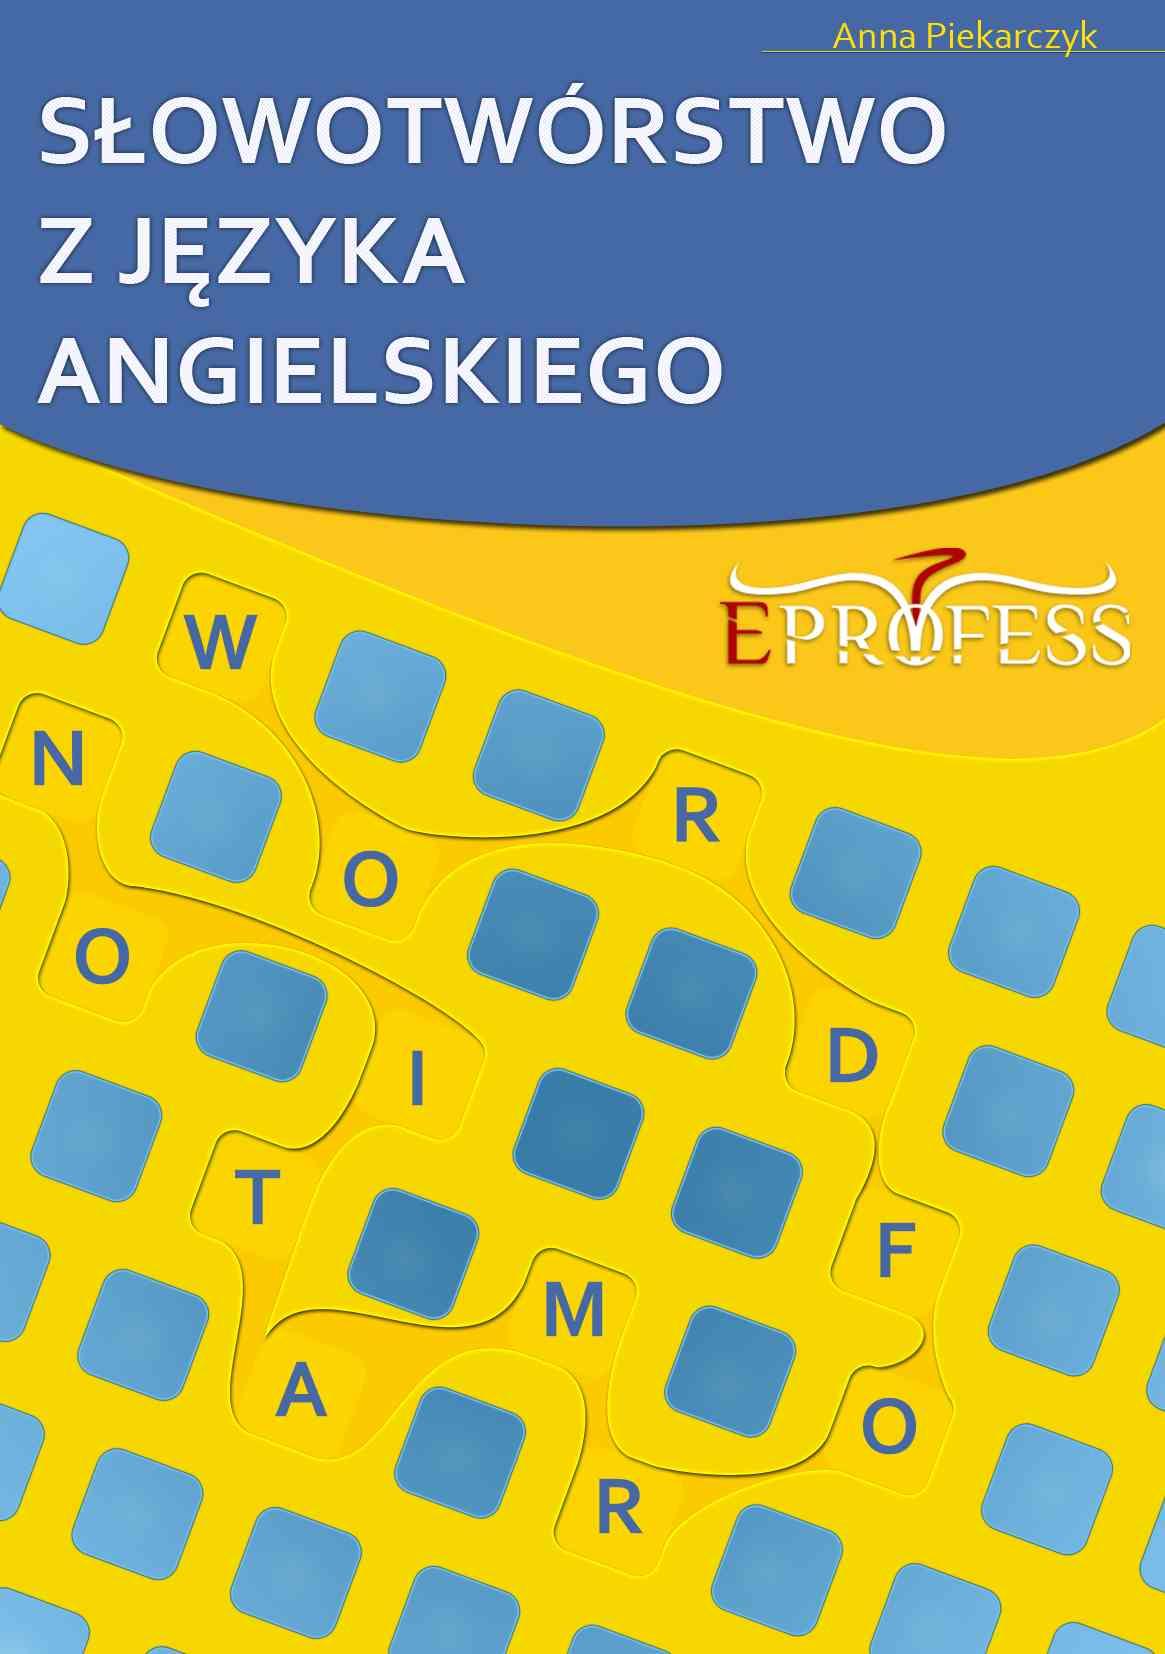 Słowotwórstwo z Języka Angielskiego - Ebook (Książka na Kindle) do pobrania w formacie MOBI